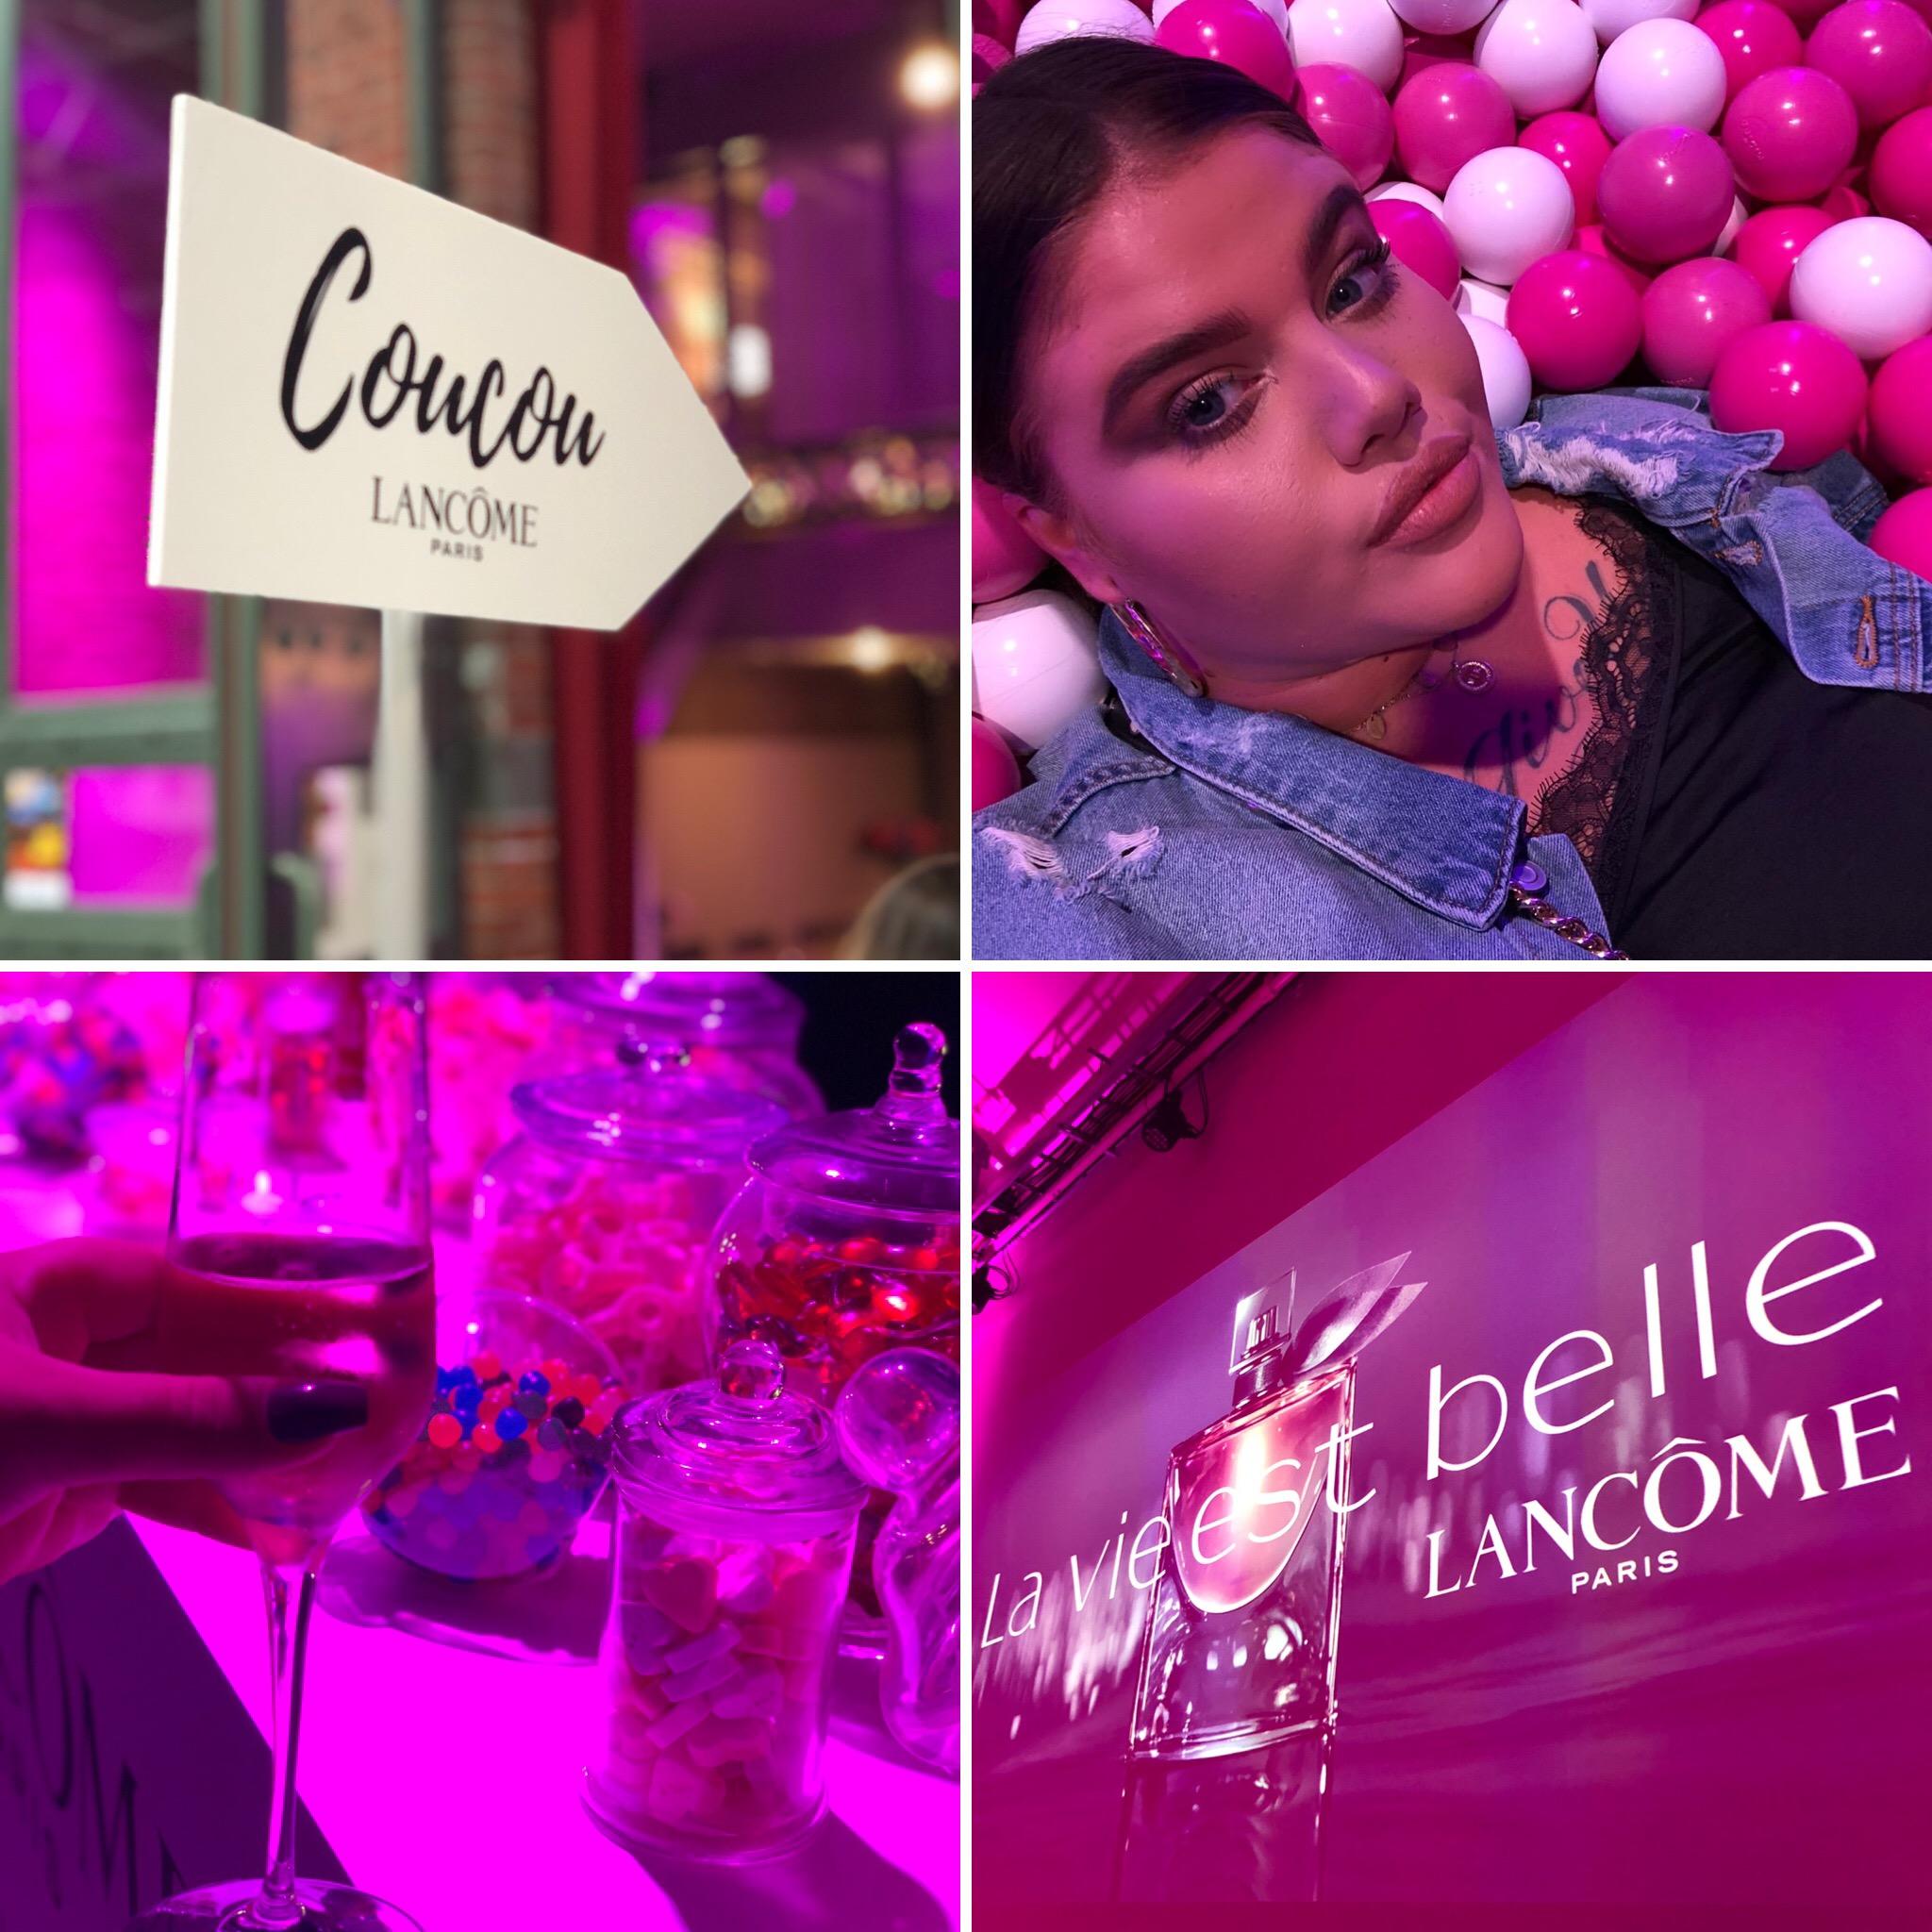 Lancome event La vie est belle